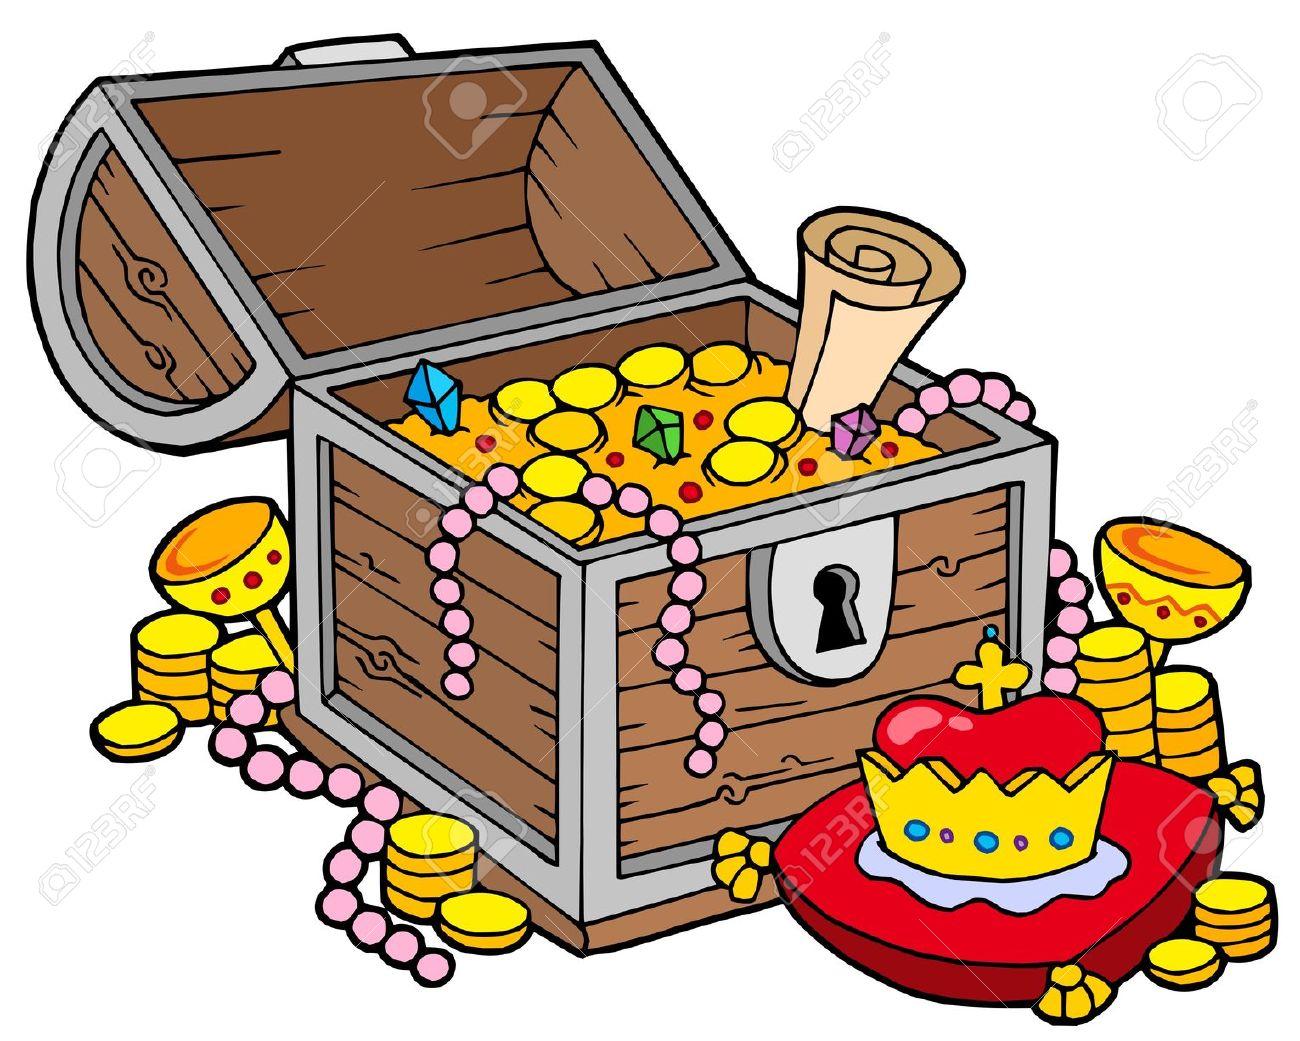 treasure clipart-treasure clipart-4